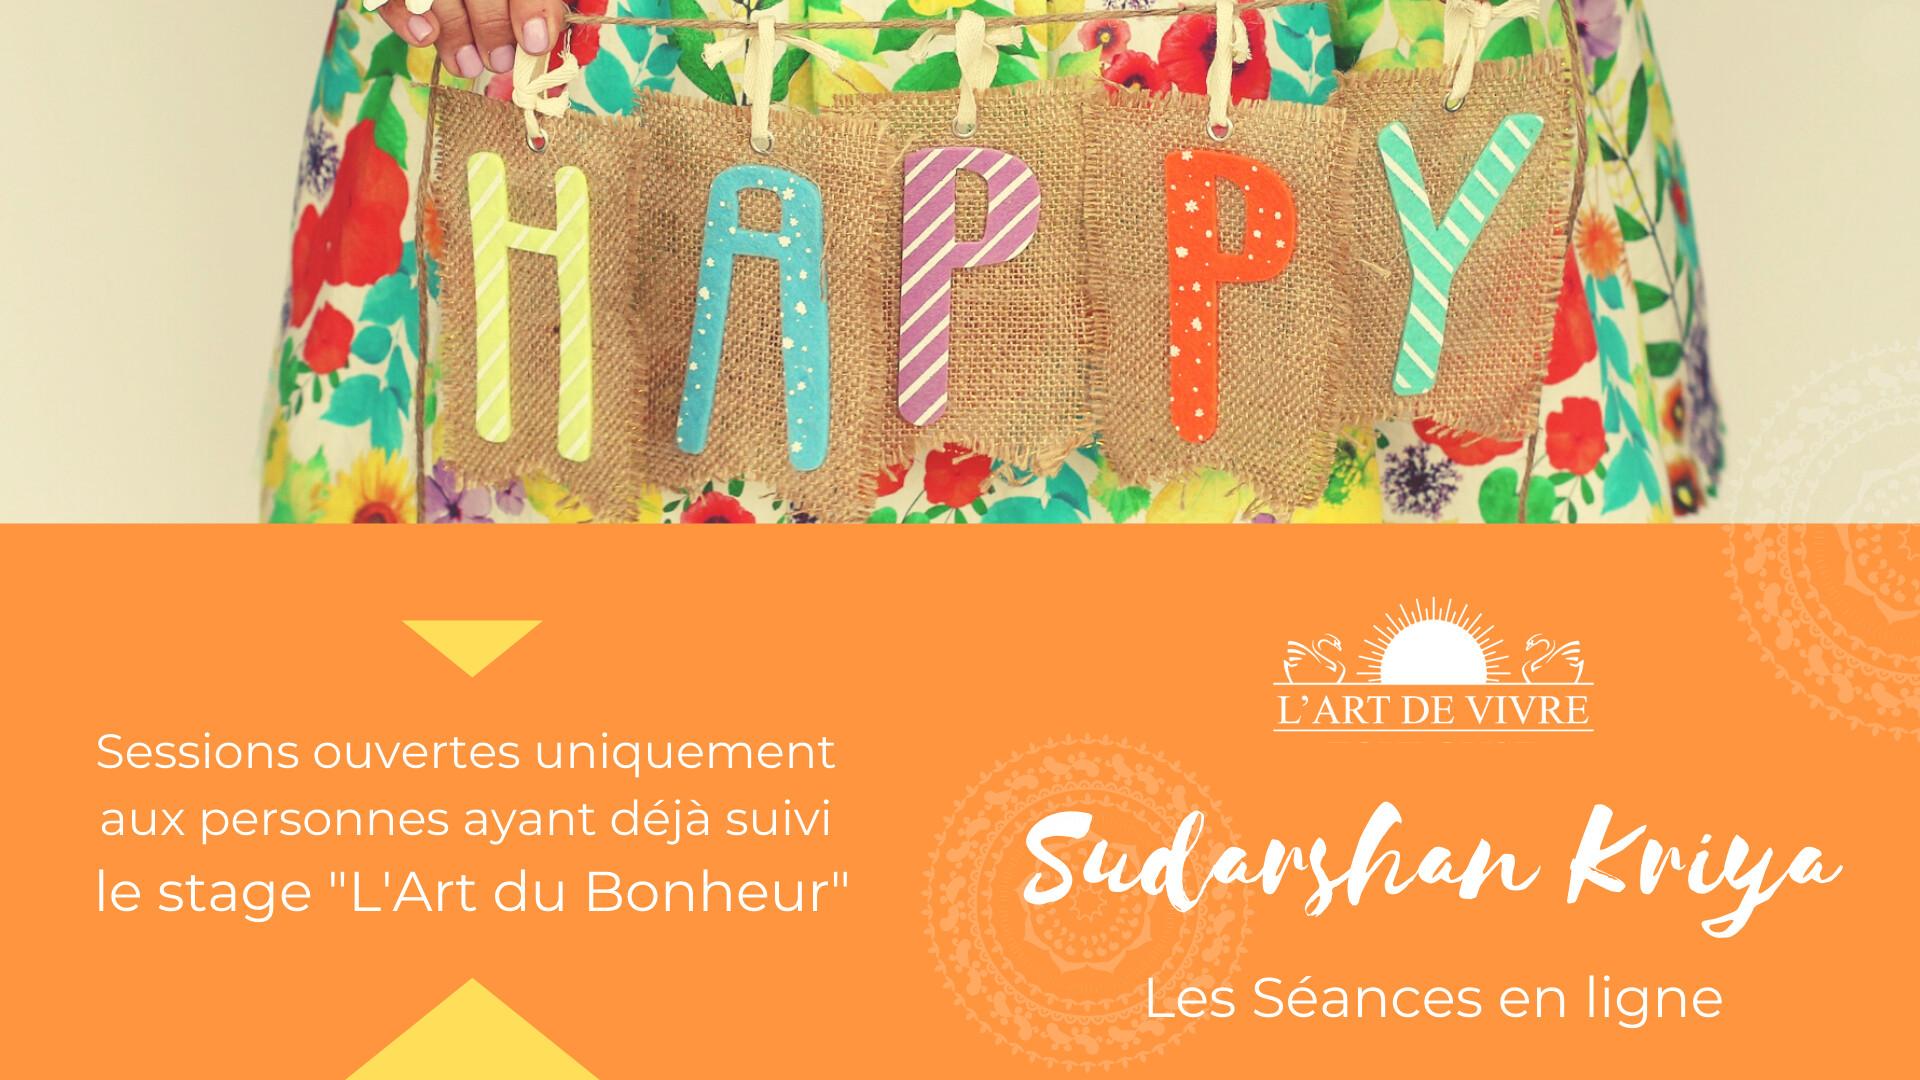 Les séances de suivi du Sudarshan Kriya de l'Art de Vivre FRANCE en ligne